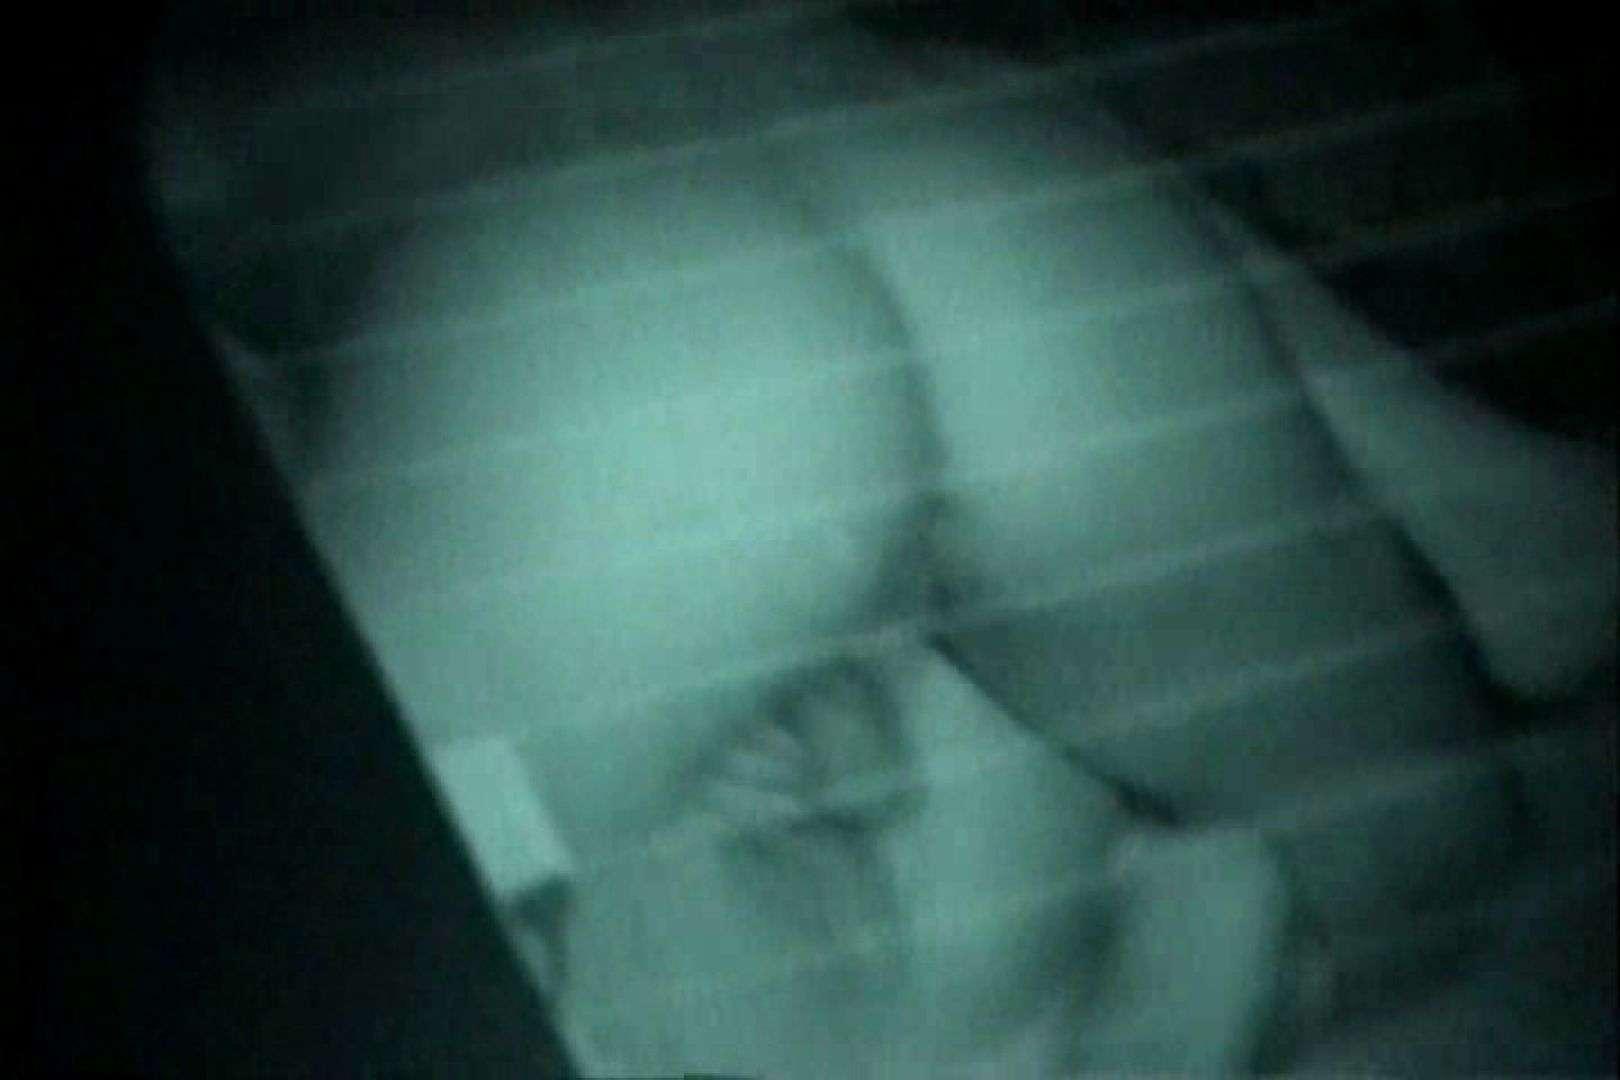 充血監督の深夜の運動会Vol.124 カーセックス おめこ無修正画像 52PIX 5